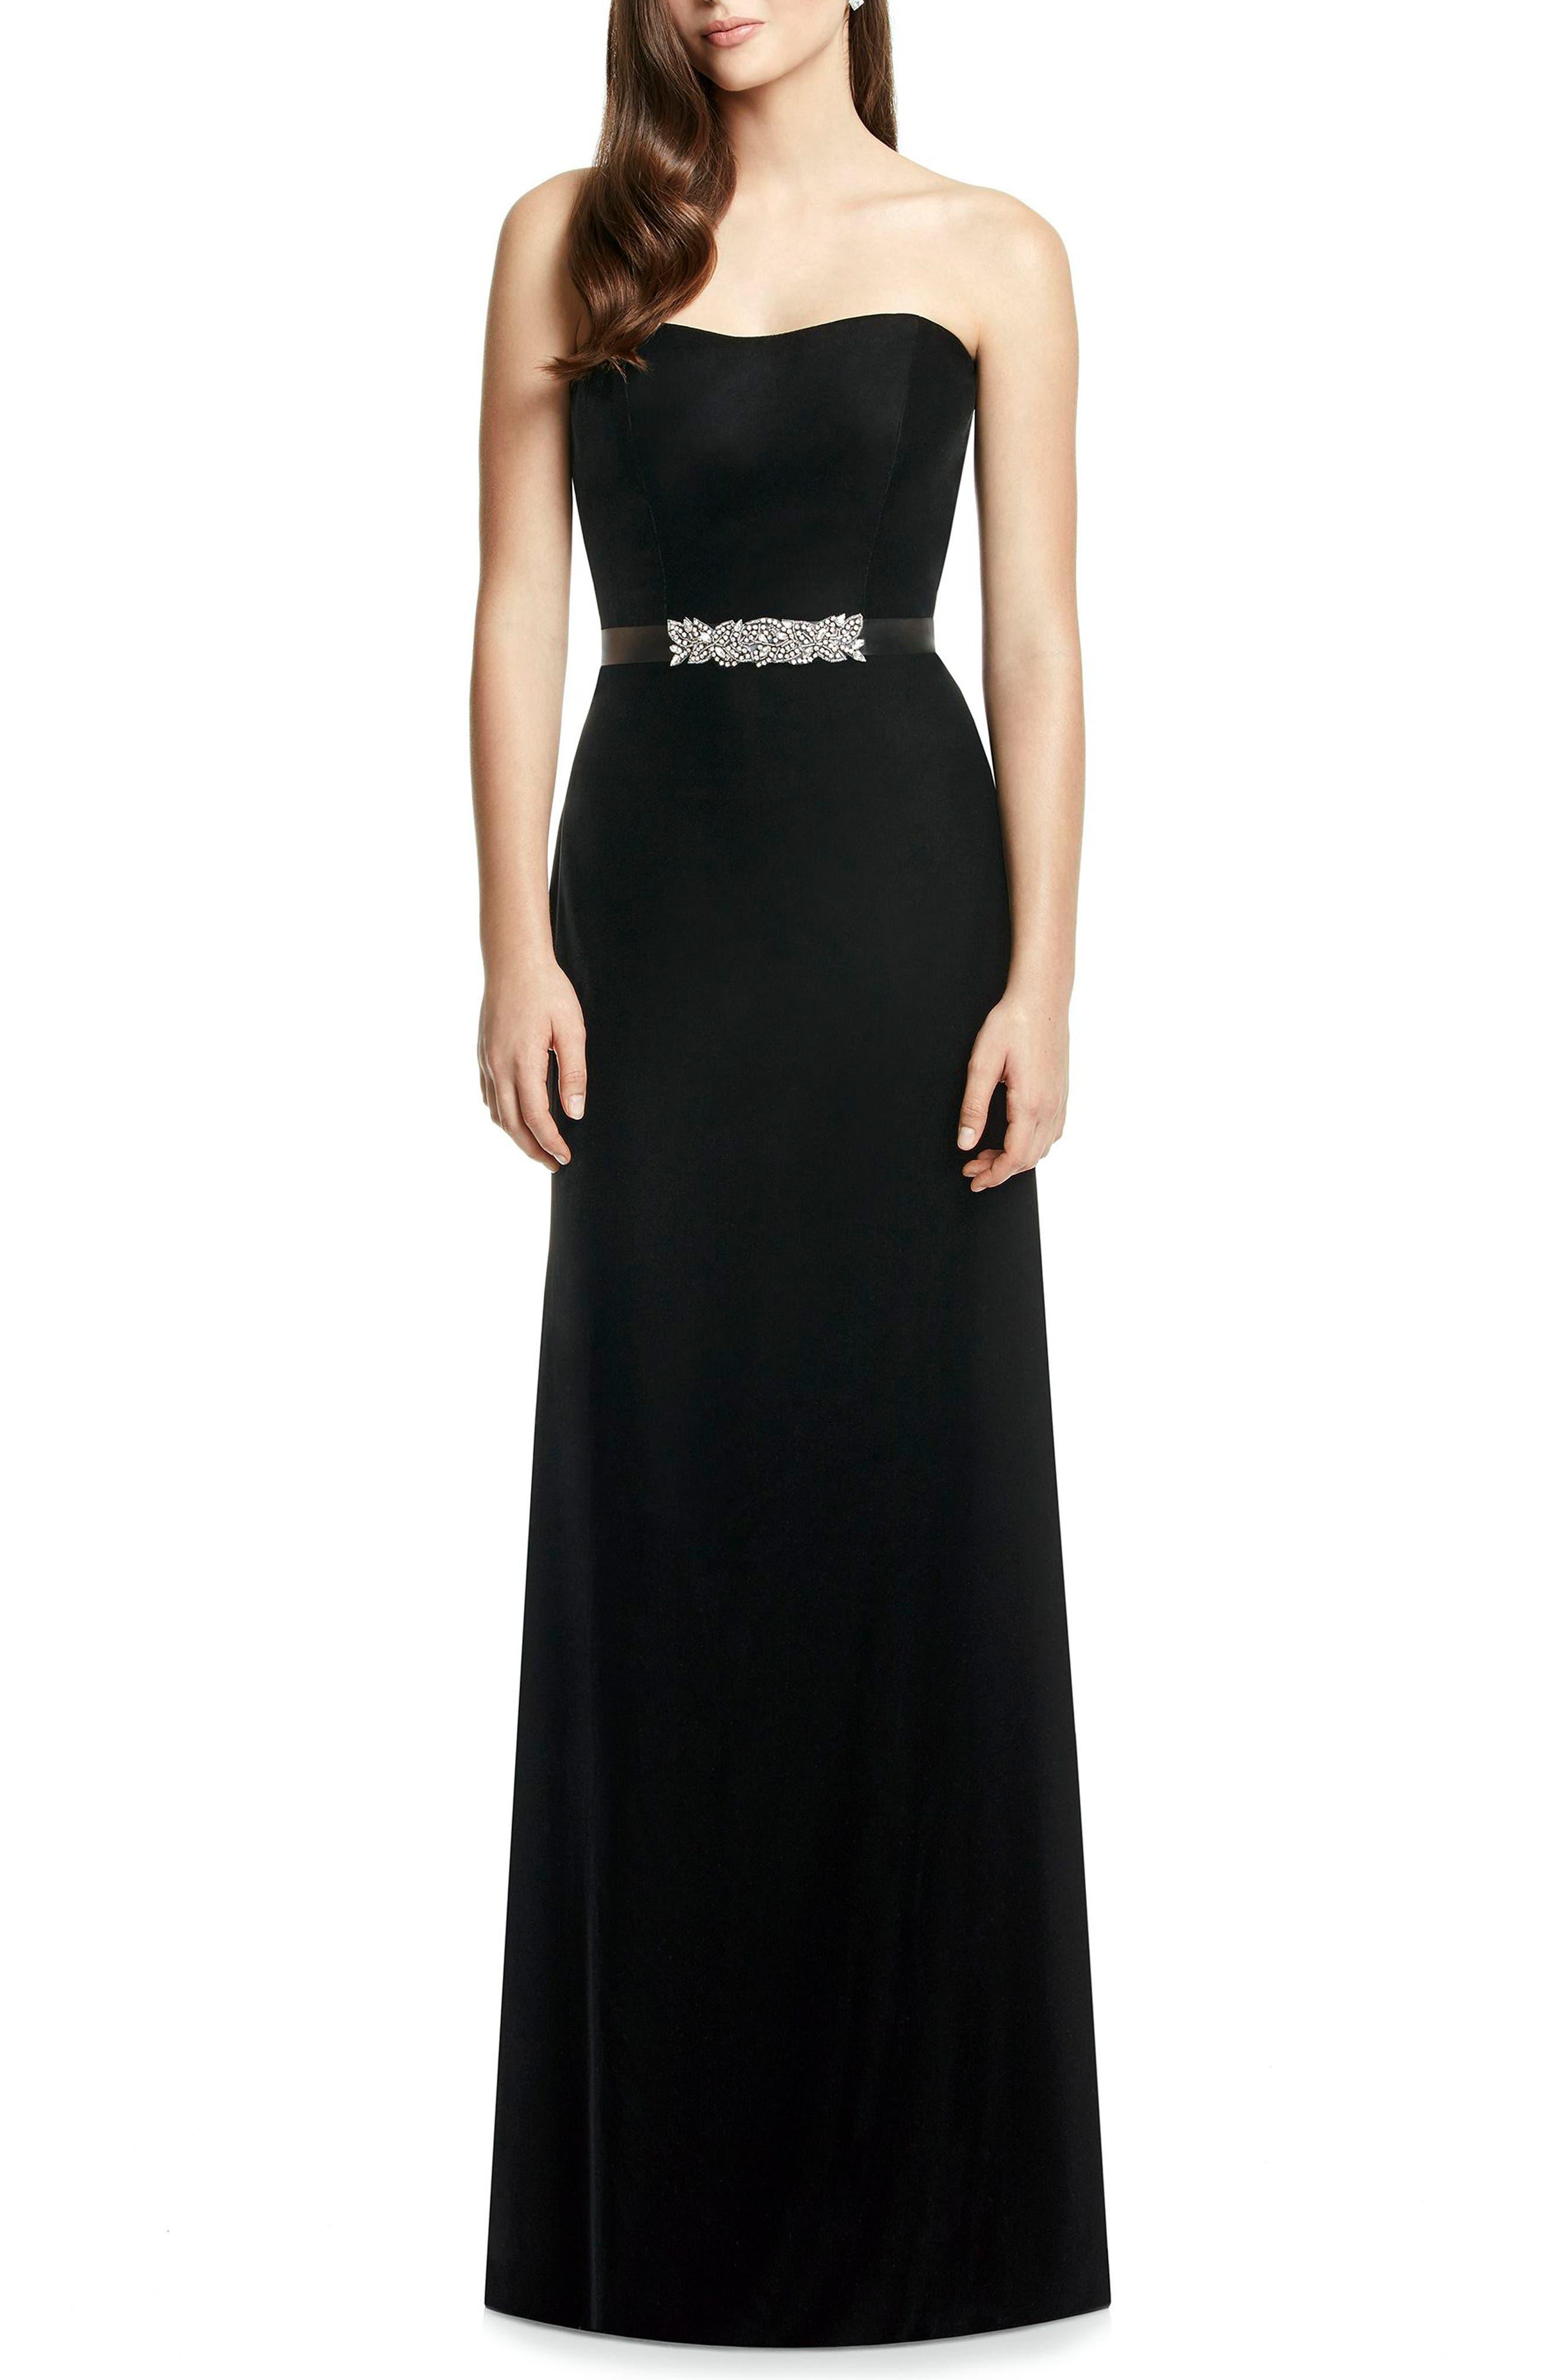 DESSY COLLECTION Embellished Belt Strapless Velvet Gown, Main, color, BLACK